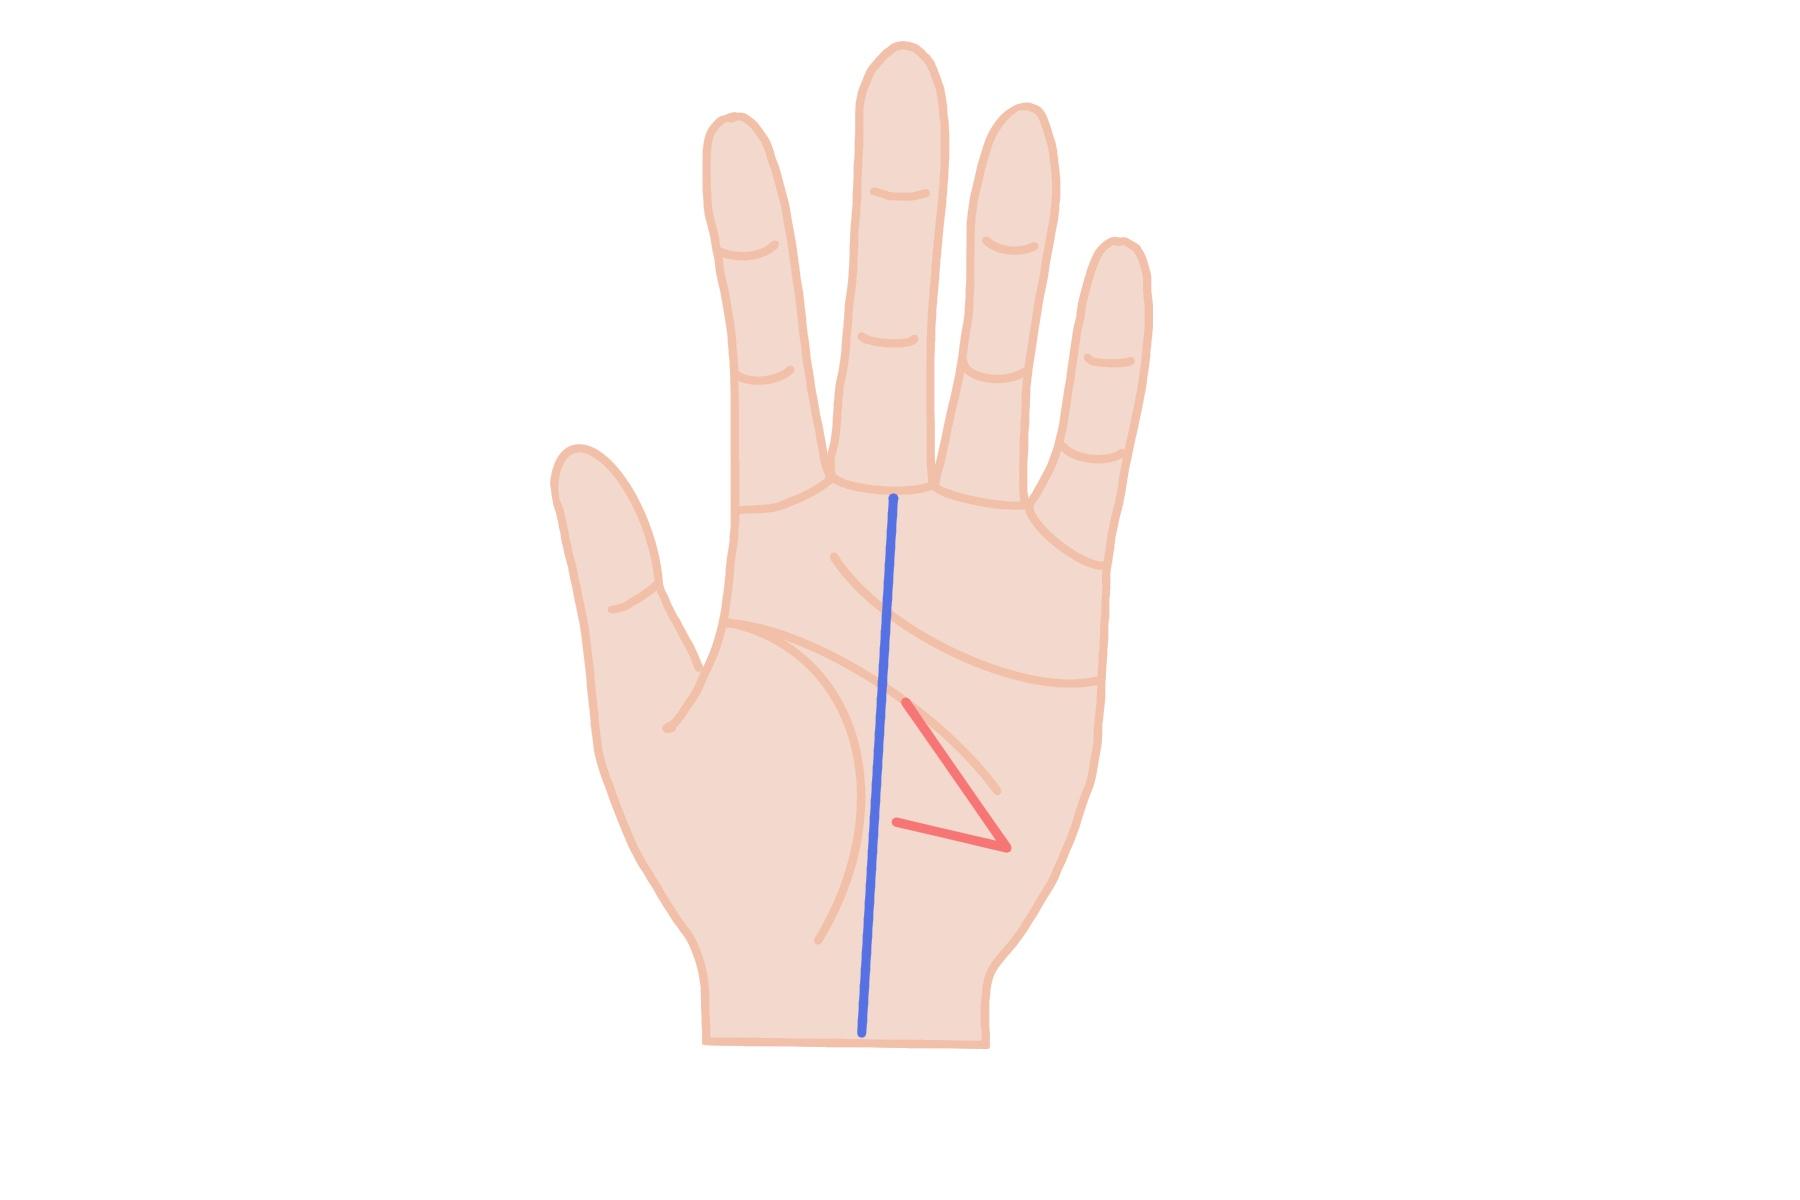 影響線:始点から枝分かれ